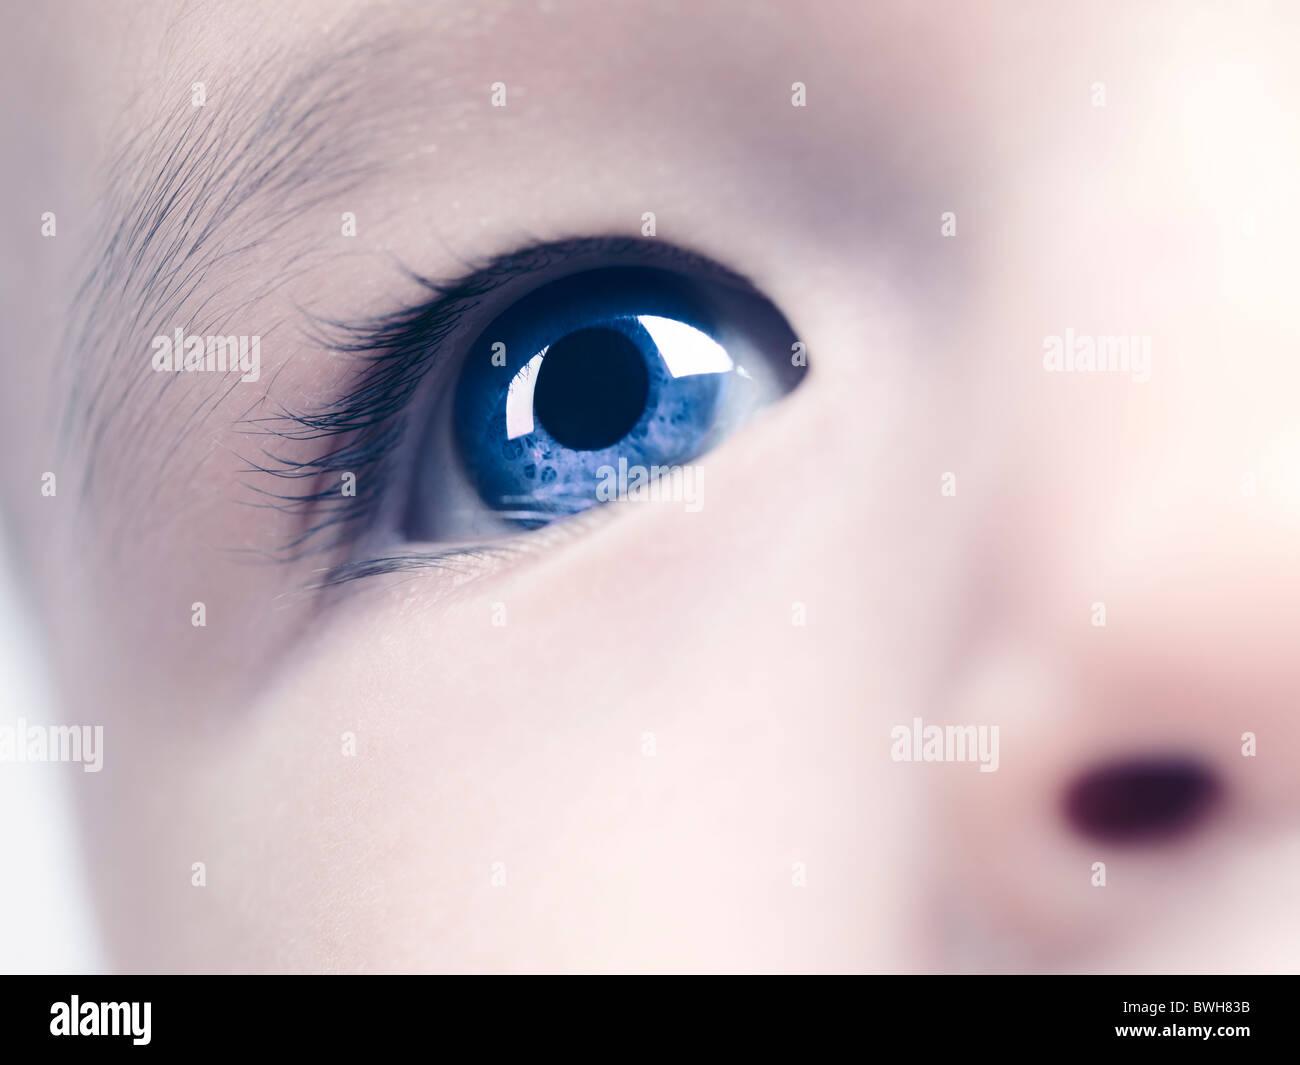 Libre d'un œil d'un bleu à l'âge de six mois, bébé garçon. Modifiées numériquement. Banque D'Images